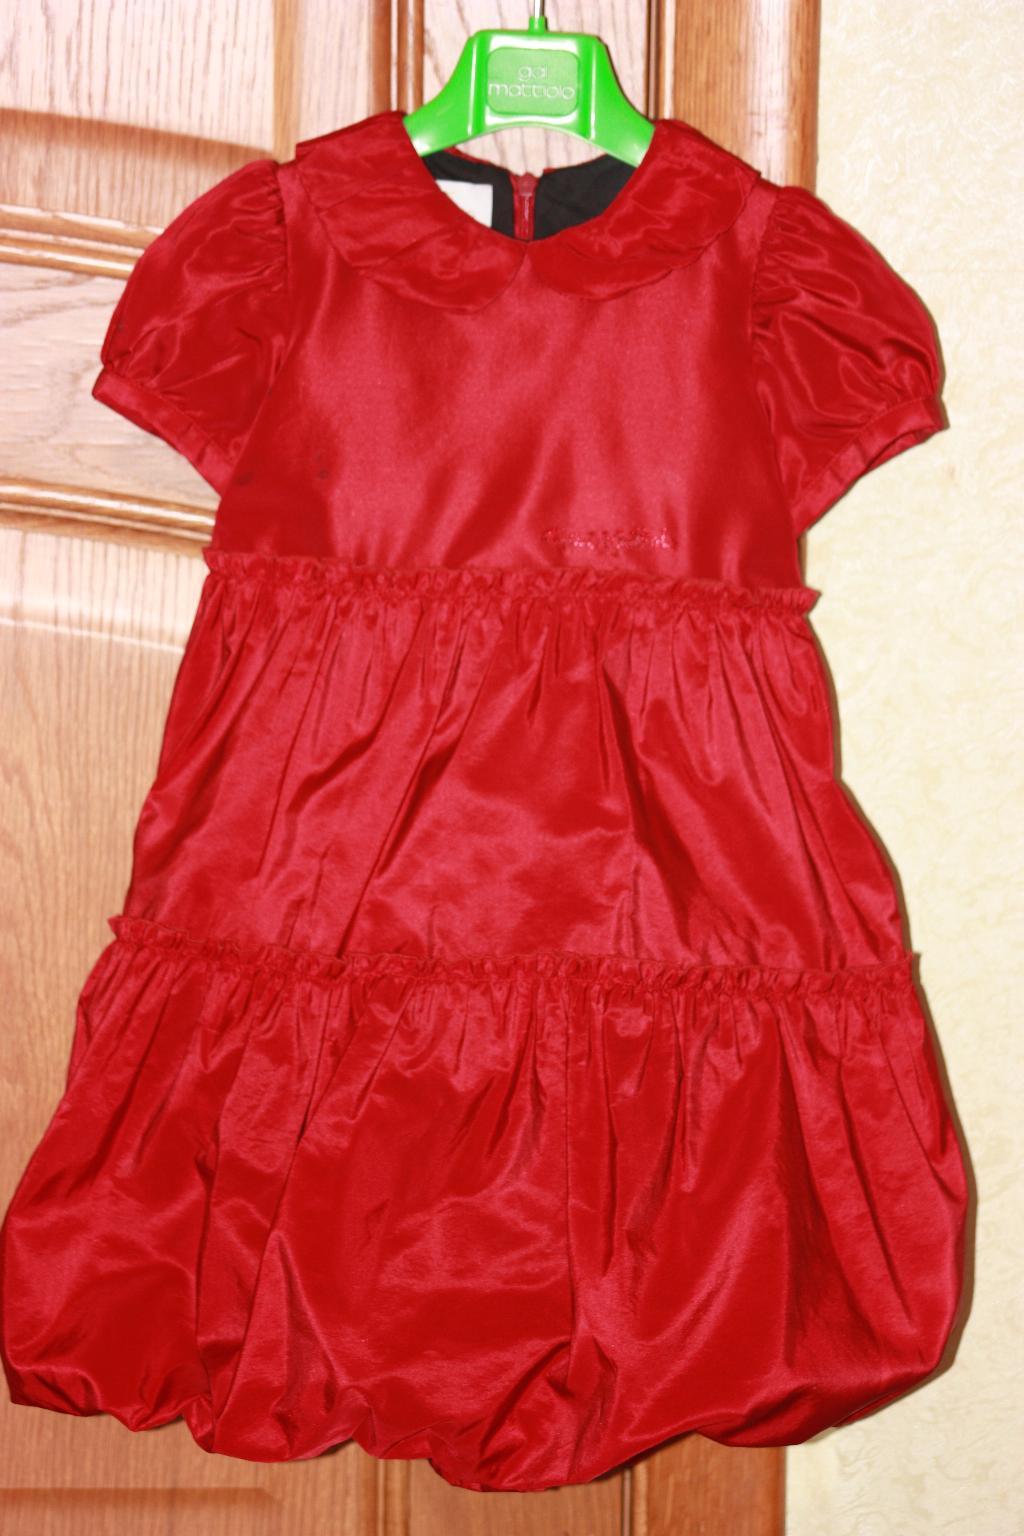 Праздничное платье фирмы Gai Mattiolo (Италия). Продаю дизайнерское